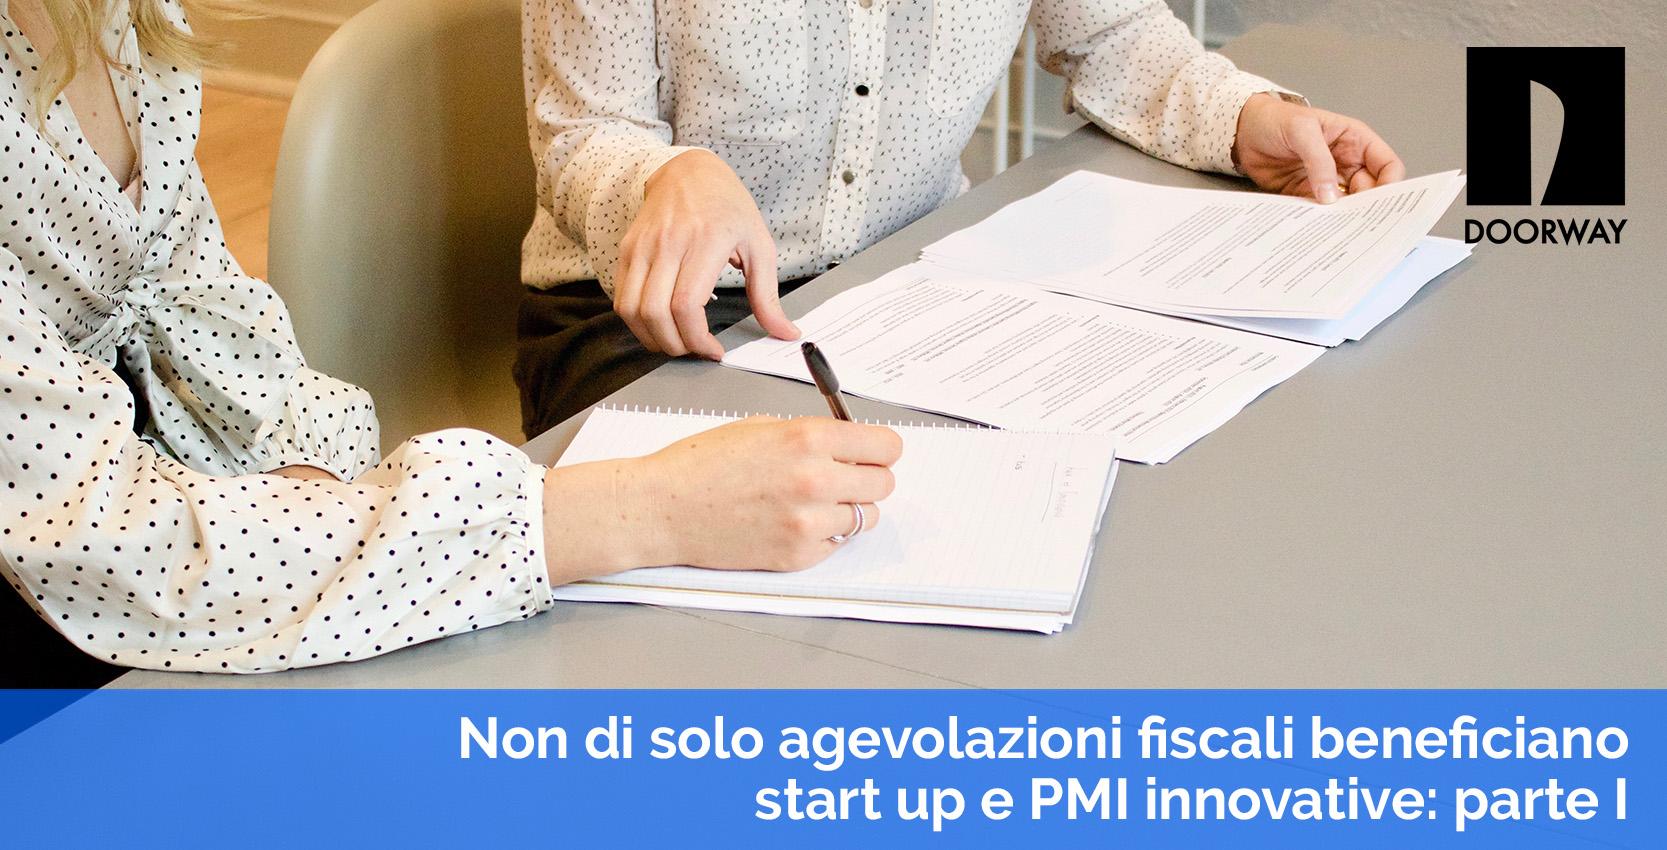 non di solo agevolazioni fiscali beneficiano startup e PMI innovative: parte 1